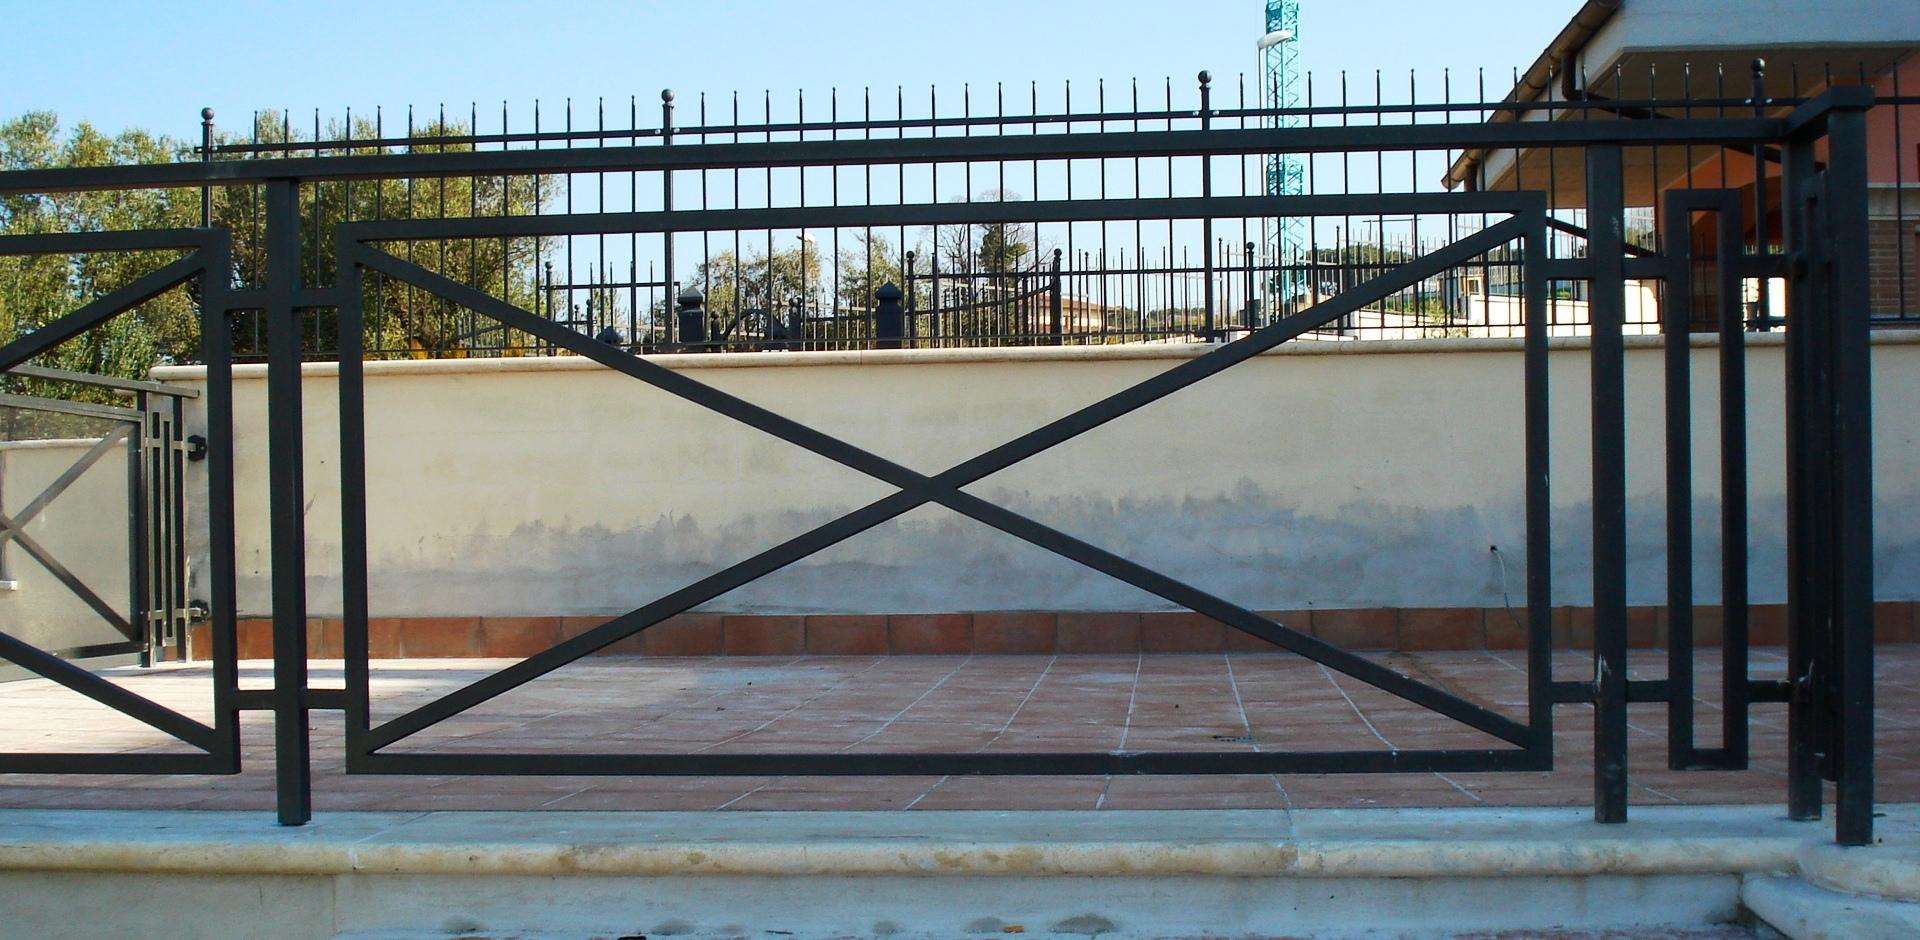 Ringhiere perucca serrande - Ringhiere in ferro battuto per balconi esterni ...